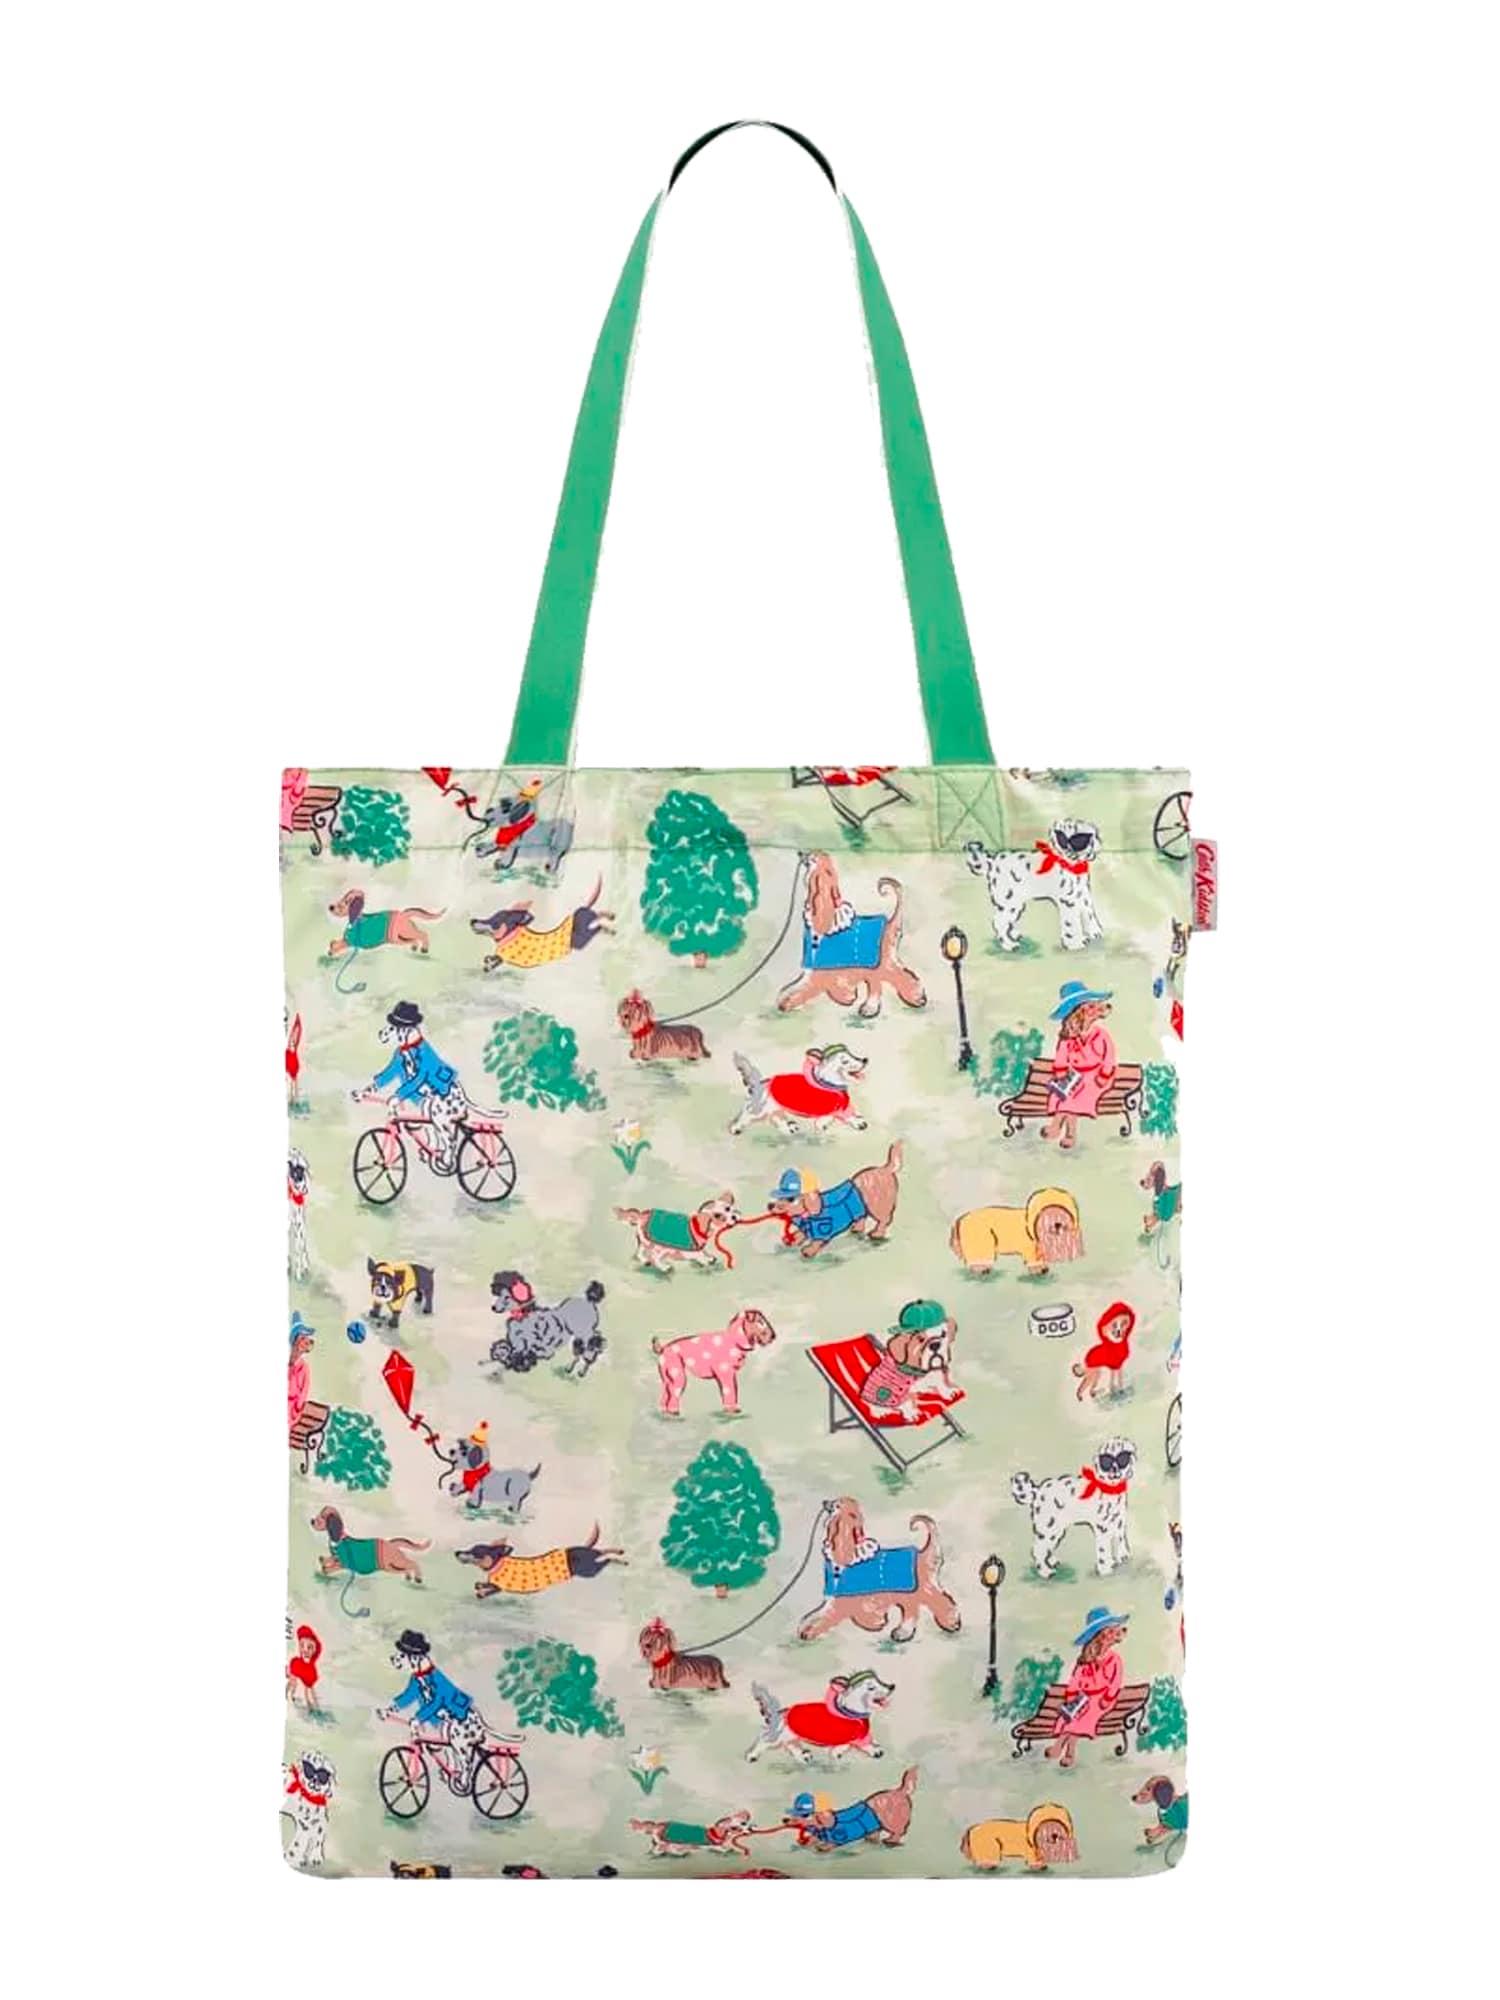 Cath Kidston Pirkinių krepšys šviesiai žalia / mišrios spalvos